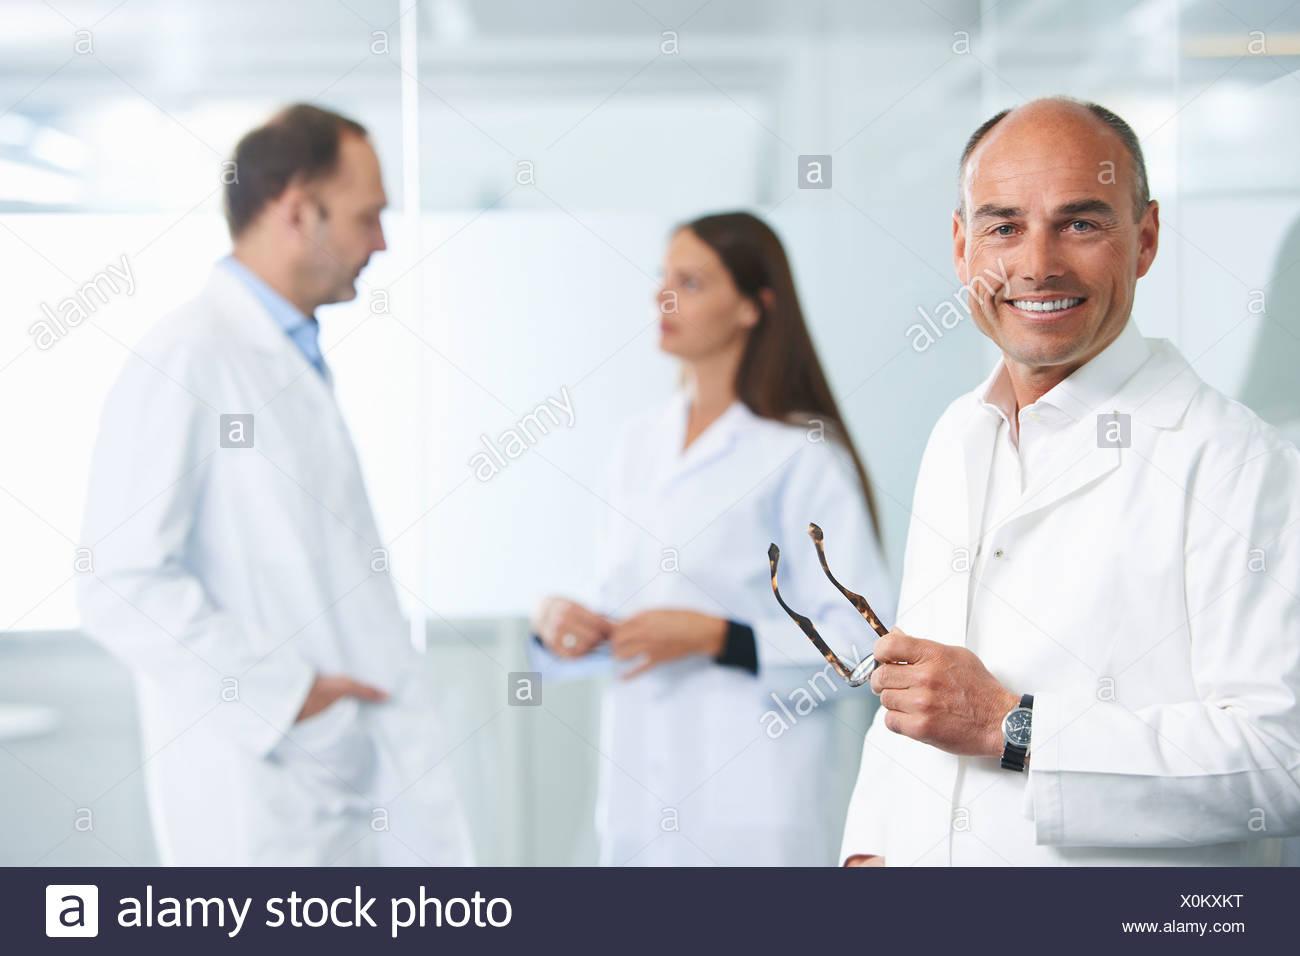 Médico varón por pared reflectante, colegas en segundo plano. Foto de stock